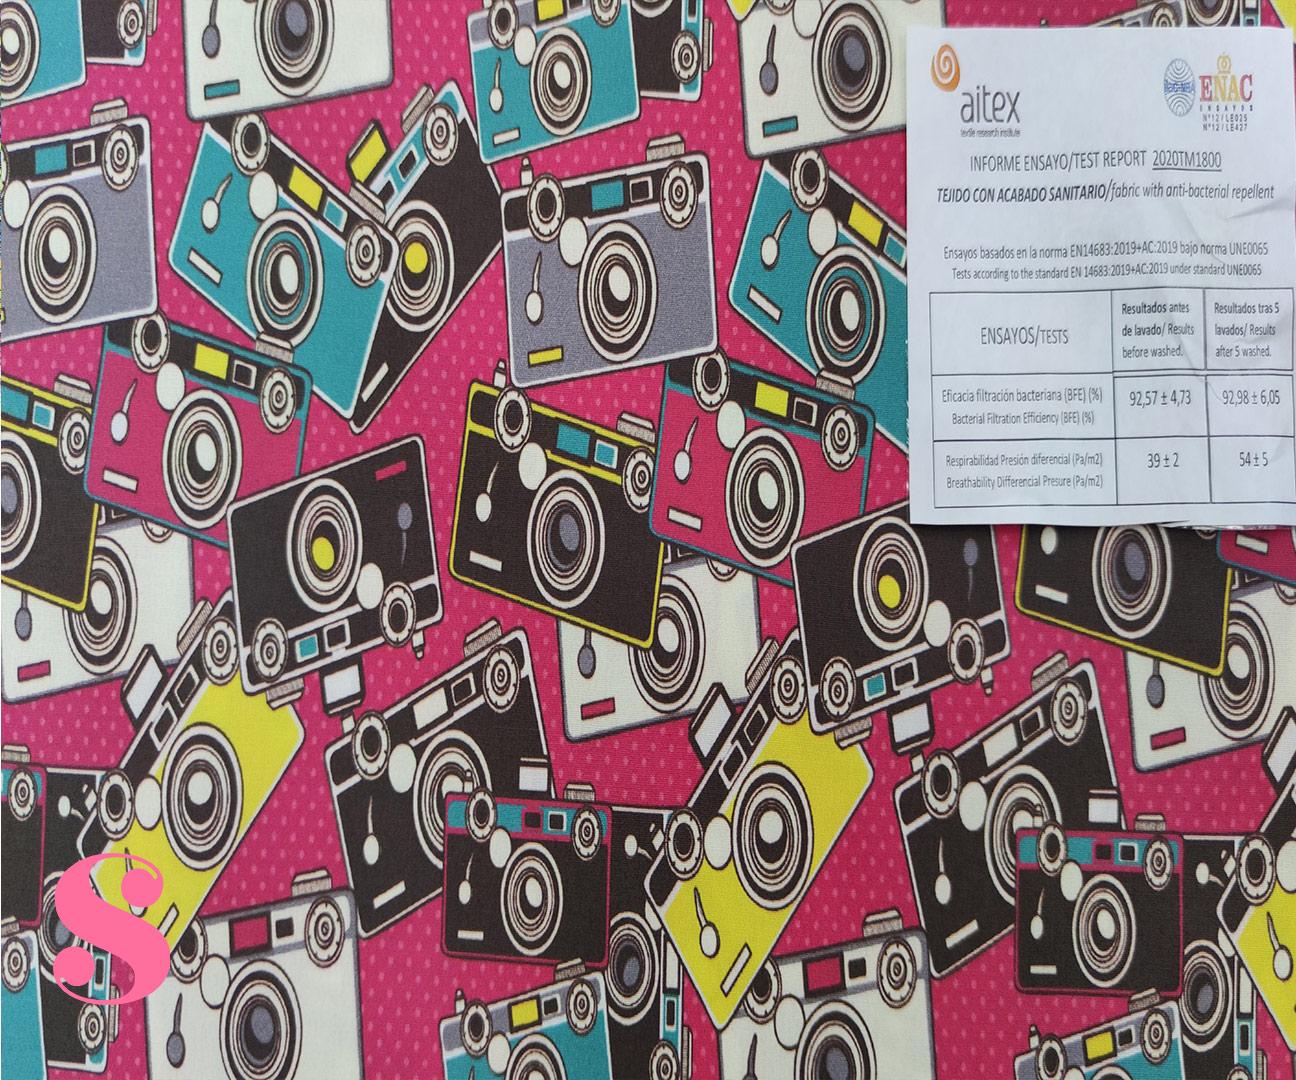 H10-camaras-fotos-retro-acabado-sanitario-hidrofugado-tejidos-algodón-estampado-percal,tejidos con acabado sanitario,telas con certificado aitex,Estampado Hidrófugo Antibacteriano Cámara Fotos Retro